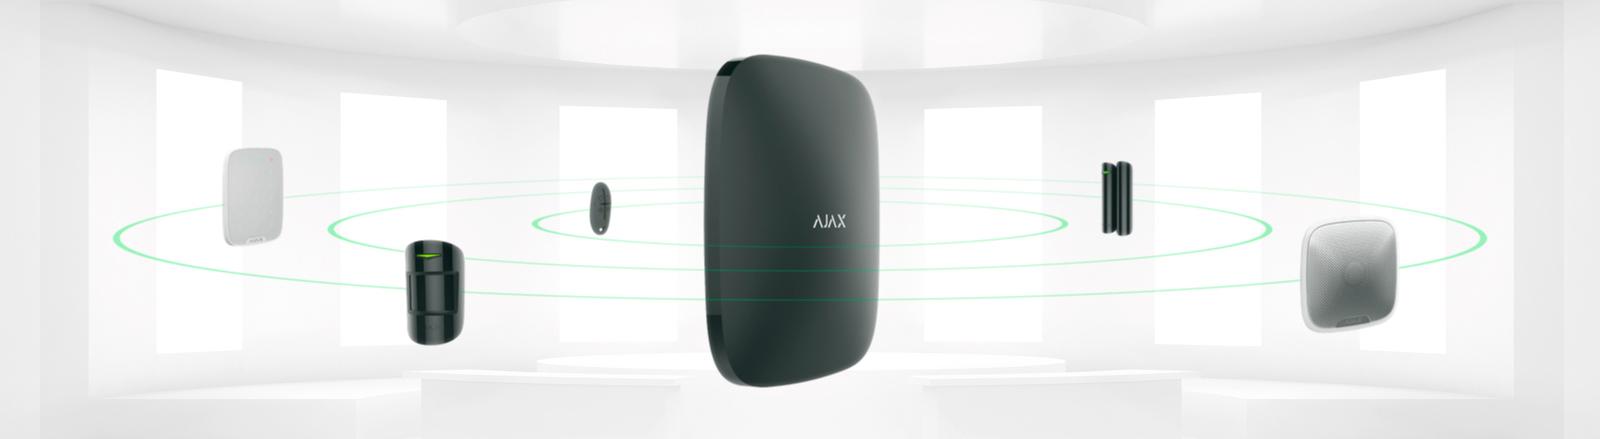 AJAX riasztórendszer -